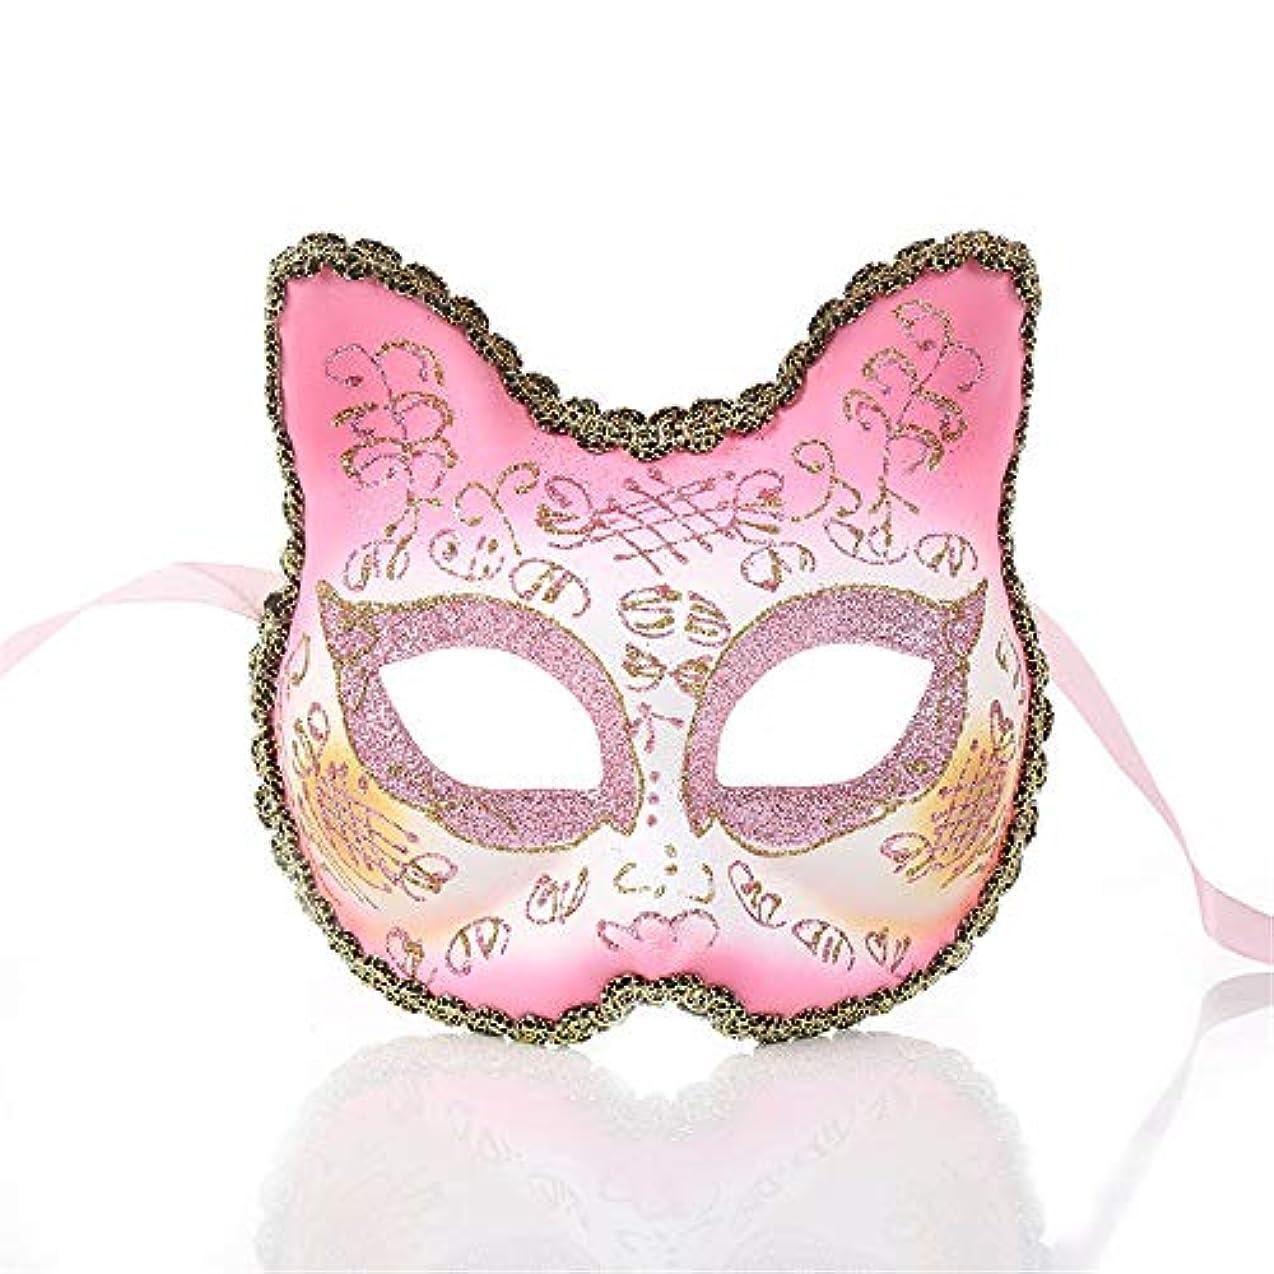 貪欲弾丸信じられないダンスマスク ワイルドマスカレードロールプレイングパーティーの小道具ナイトクラブのマスクの雰囲気クリスマスフェスティバルロールプレイングプラスチックマスク ホリデーパーティー用品 (色 : ピンク, サイズ : 13x13cm)